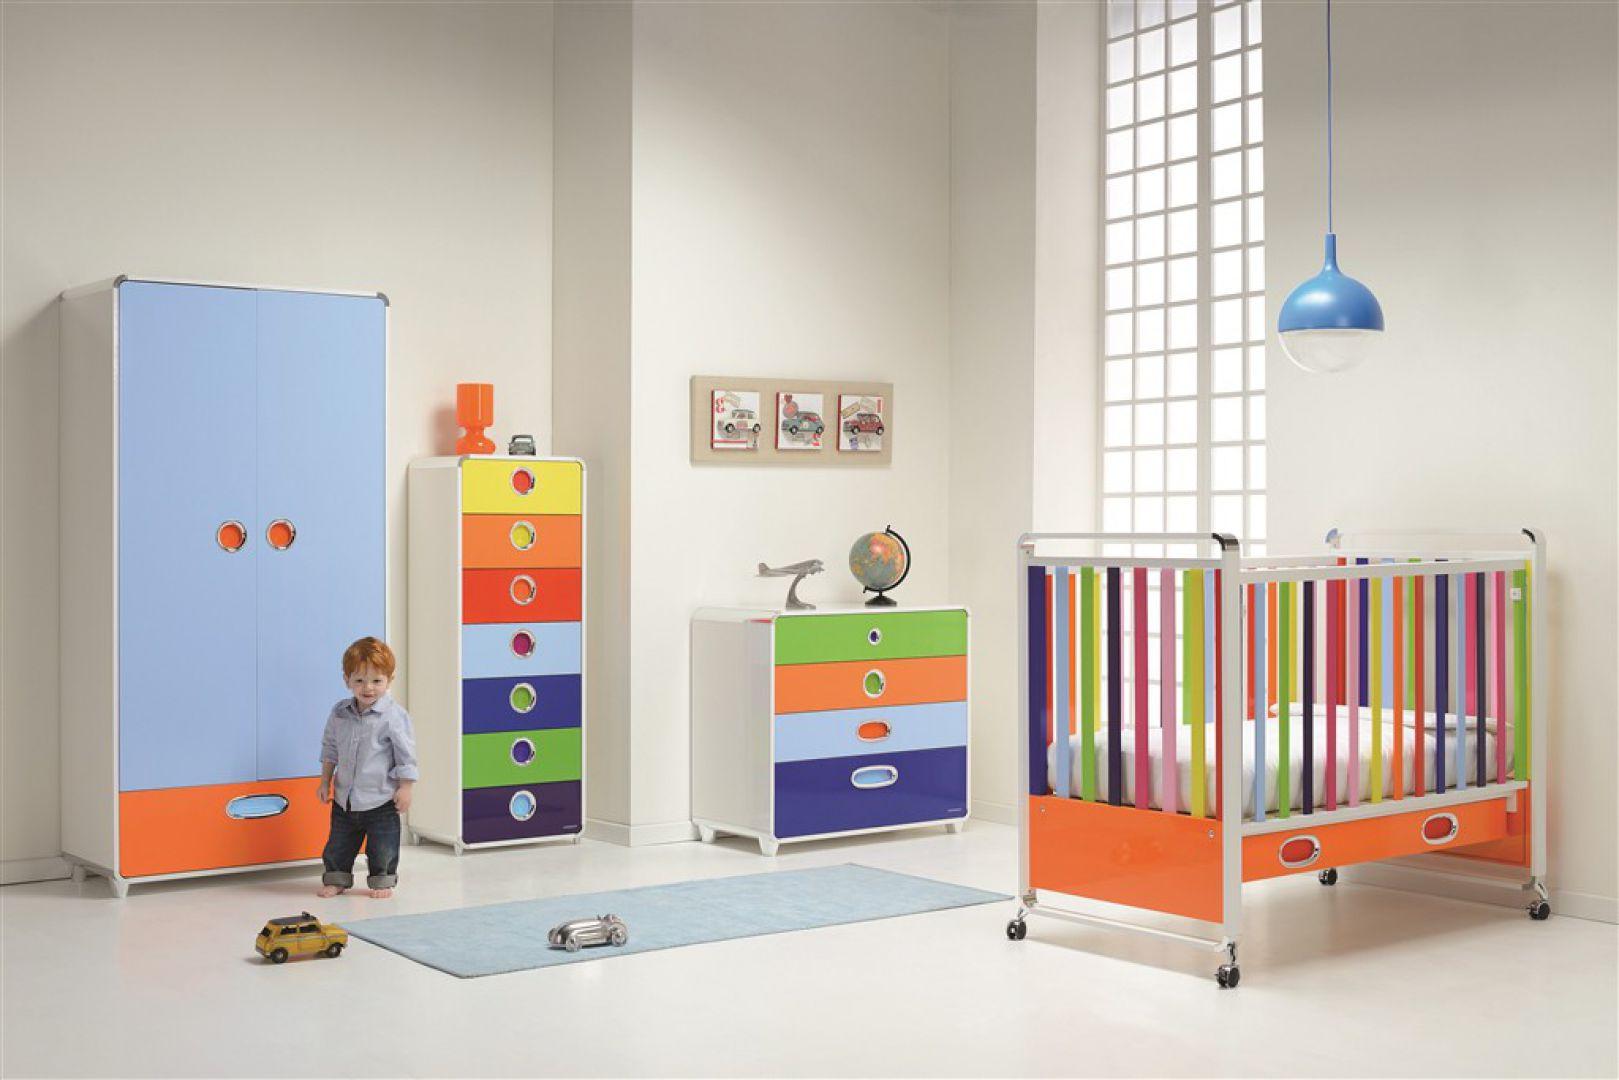 Białą, dość chłodną przestrzeń wnętrza ożywiają kolorowe fronty dziecięcych mebelków. Fot. Trading Partners.